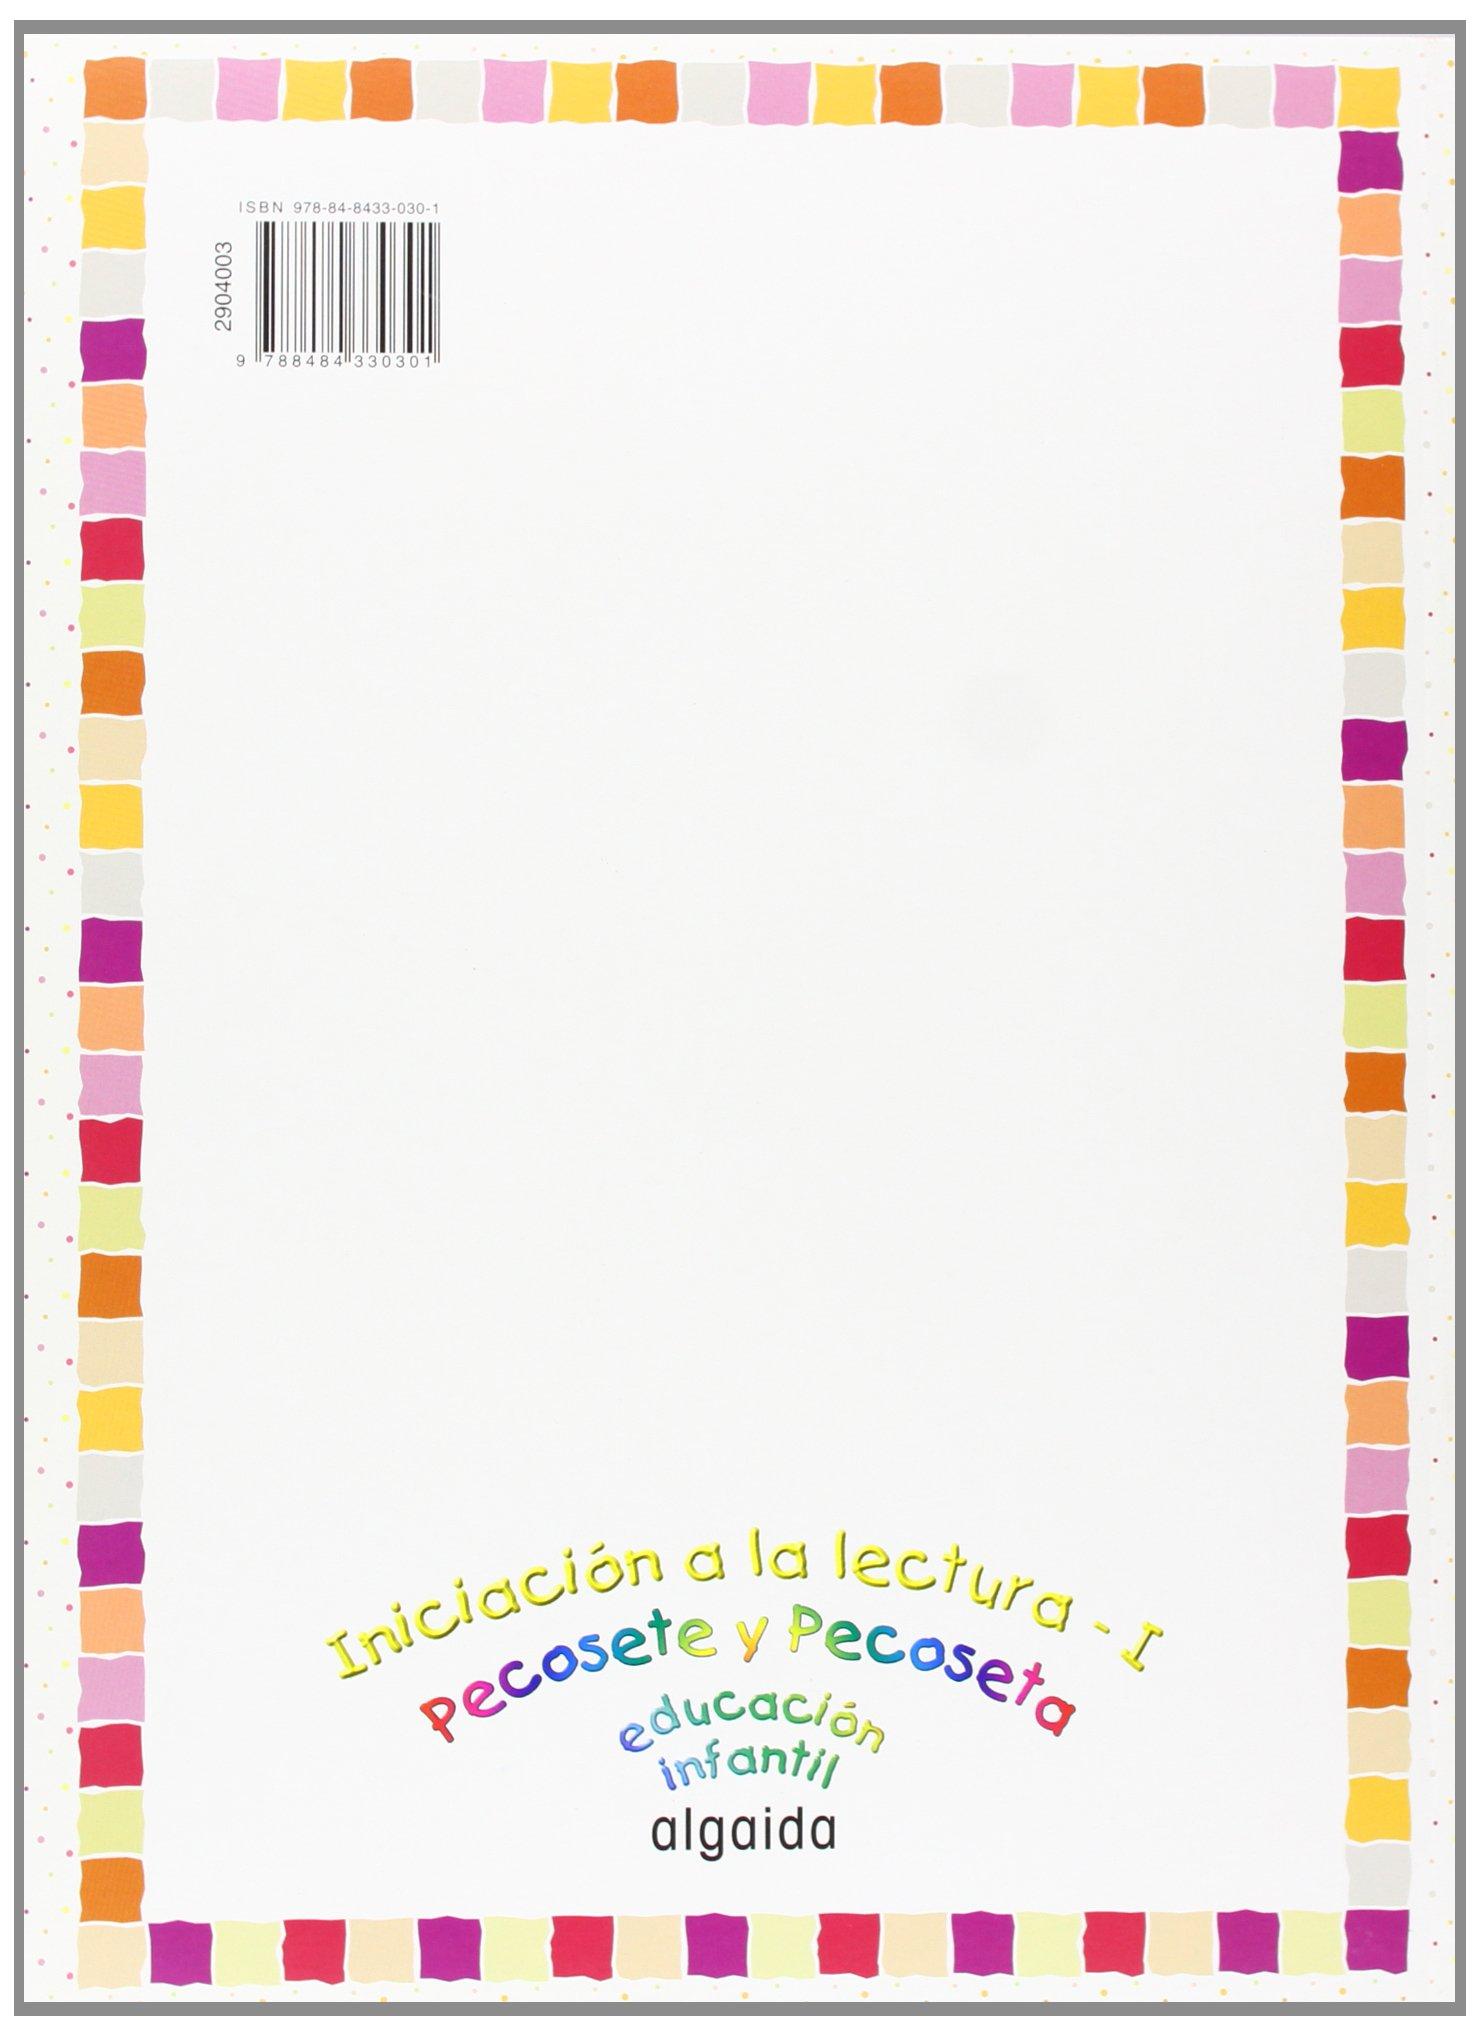 Iniciación a la lectura I Nuevo Pecosete y Pecoseta - 9788484330301:  Amazon.es: María Dolores Campuzano Valiente: Libros